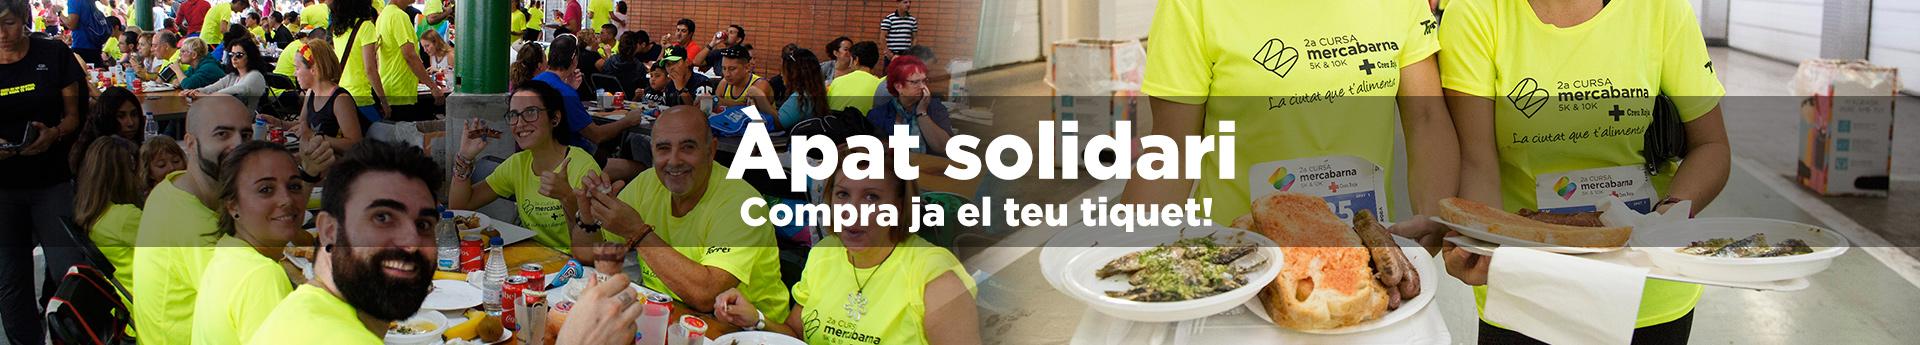 slide_apat